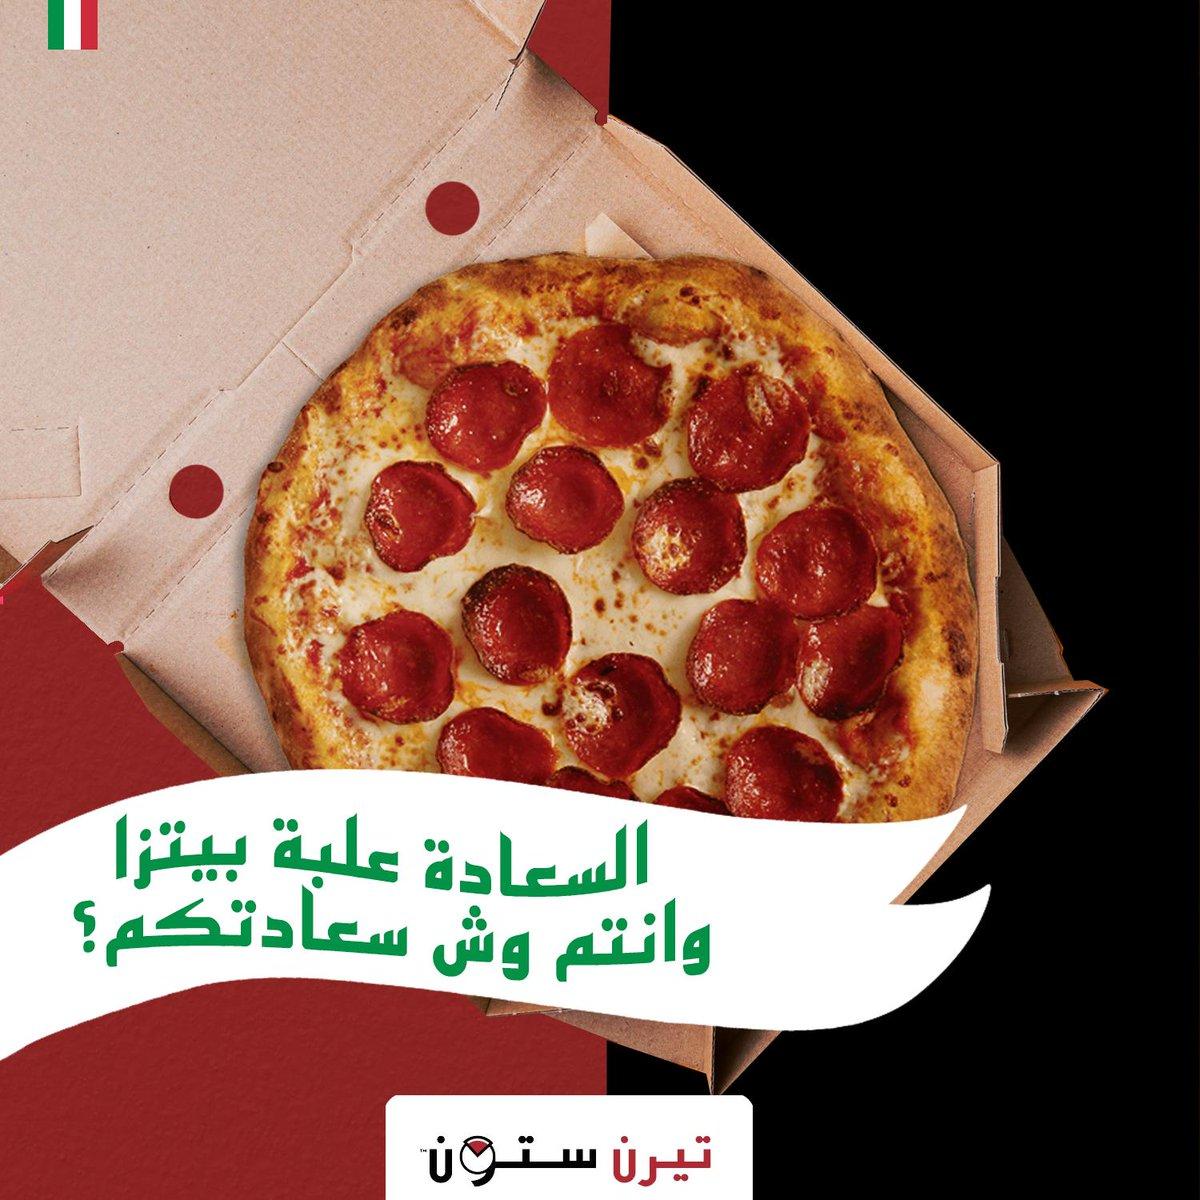 مافي سعادة بعد البيتزا ولا ايش رأيكم؟😍#بيتزا #تيرن_ستون #بيتزا_ايطالية #ايطاليا #طلبات #توصيل #الرياض #السعودية